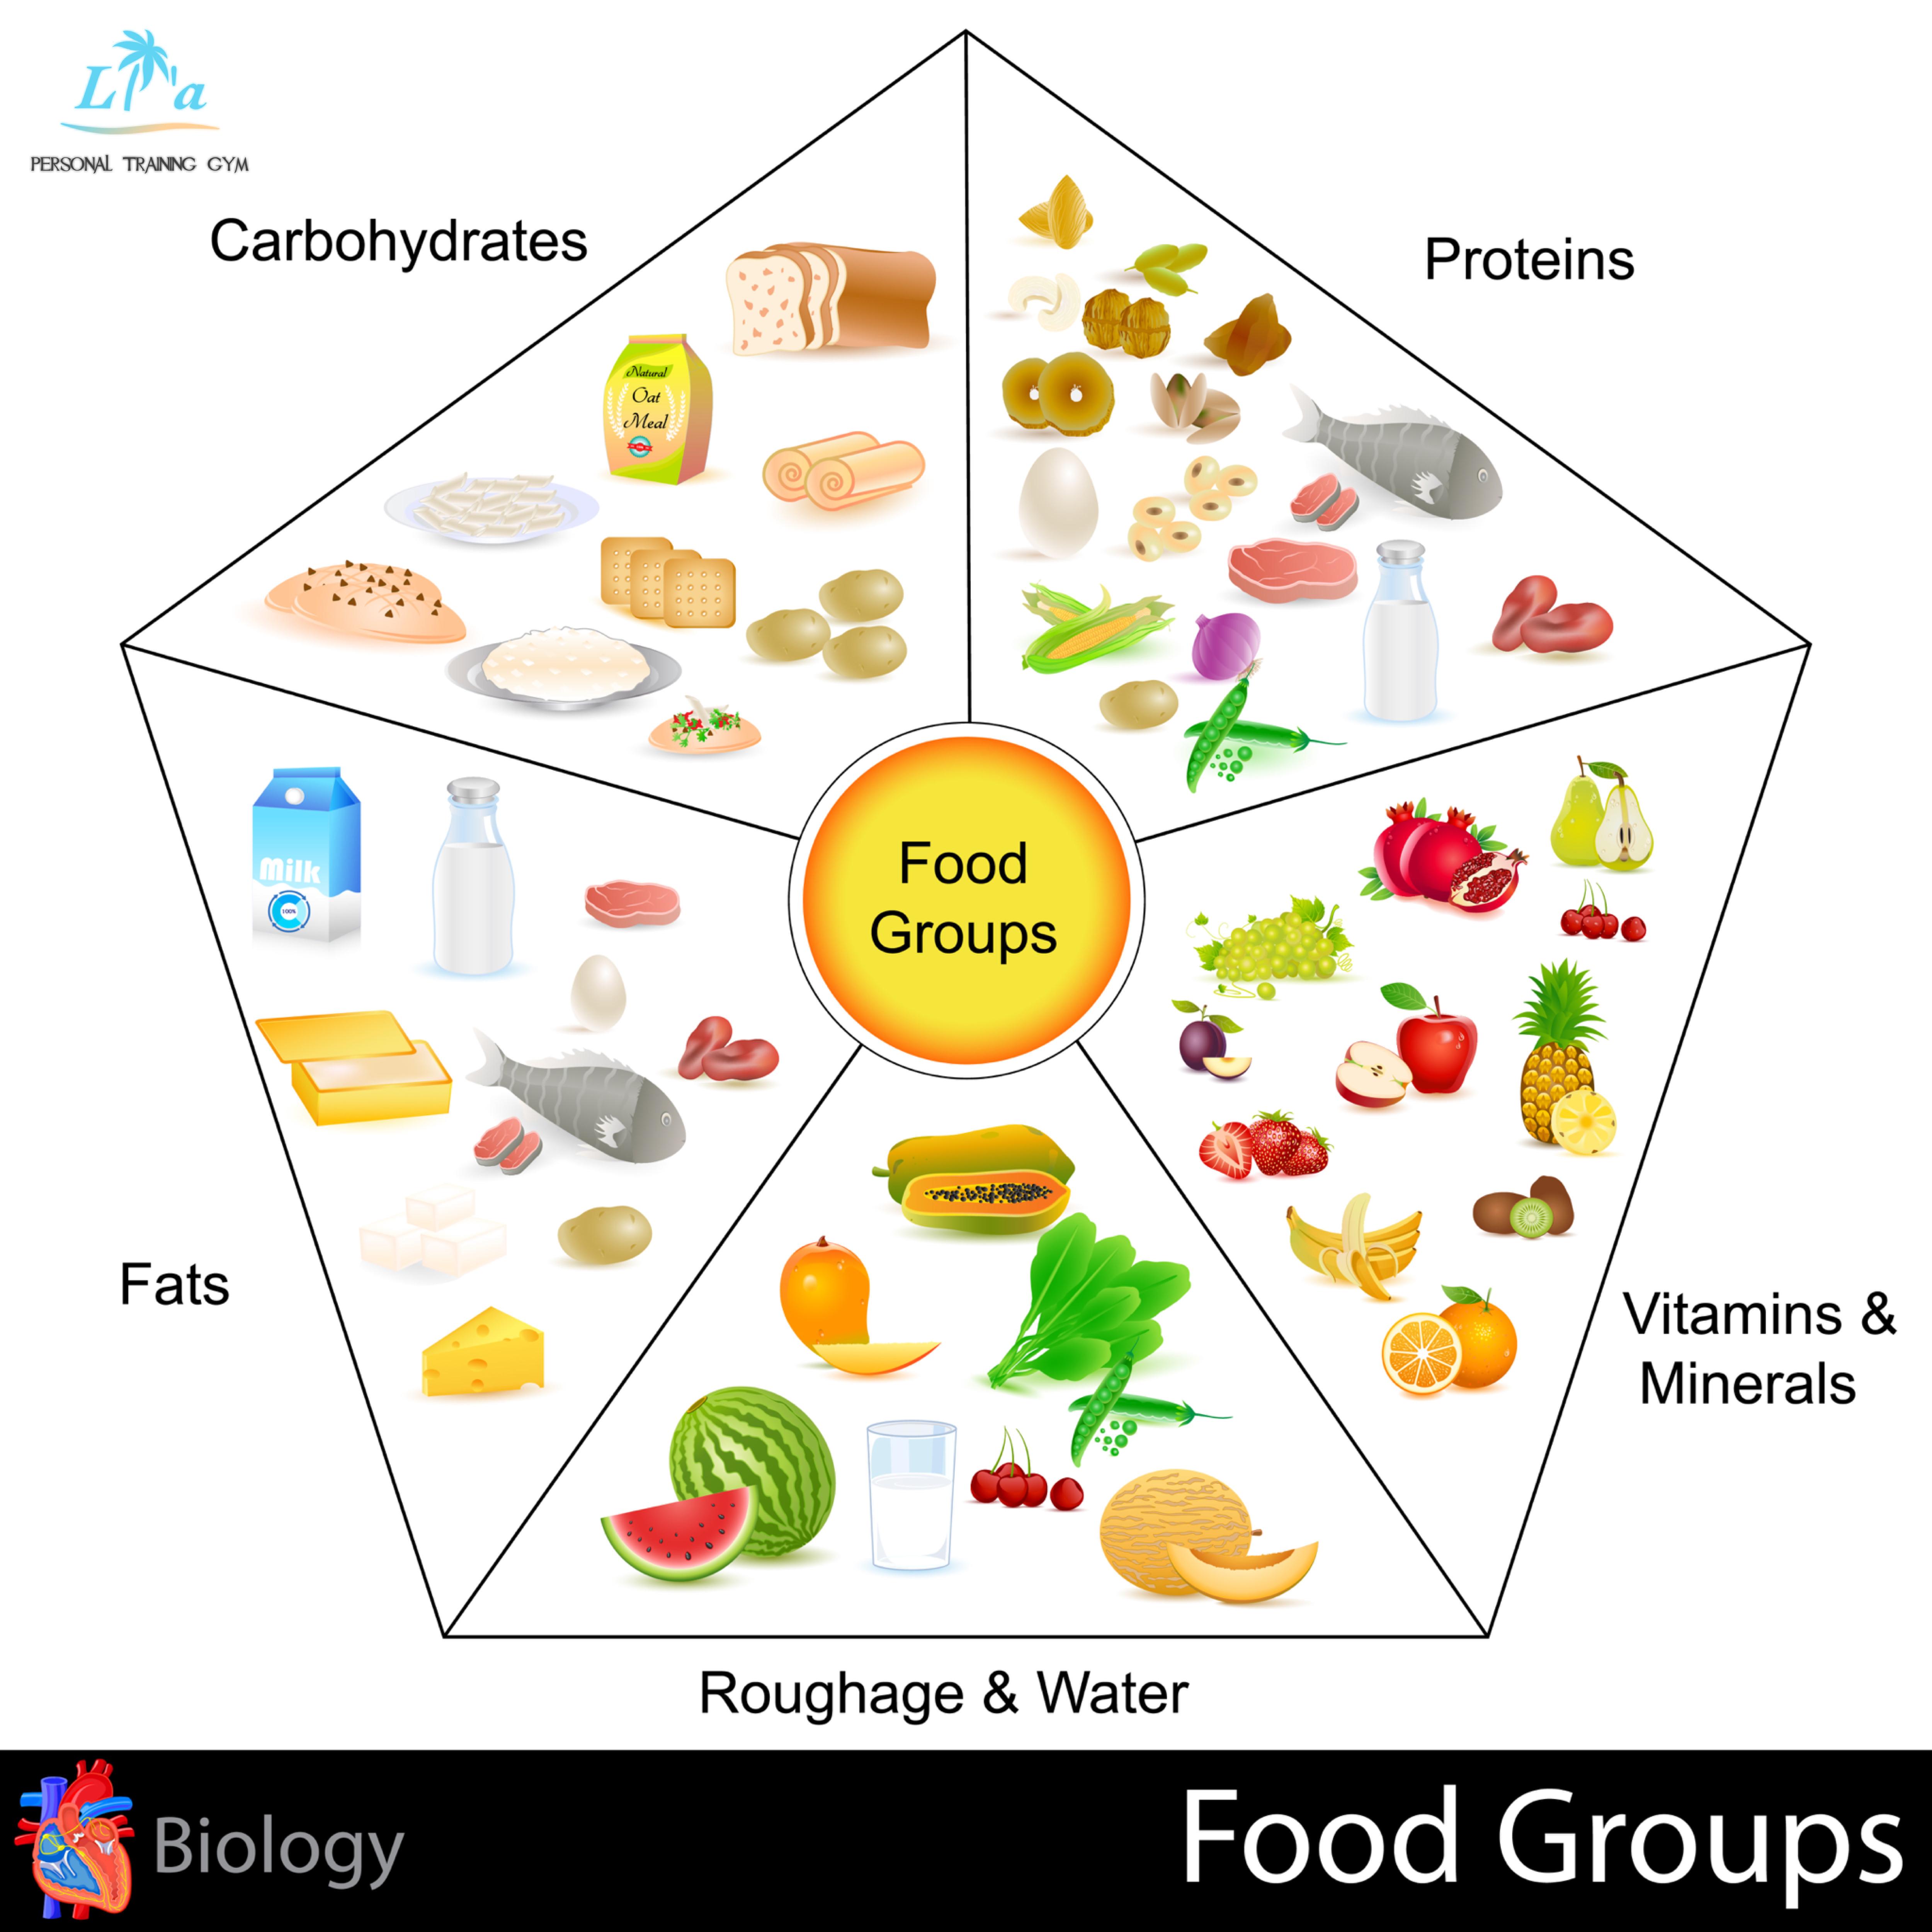 天白区パーソナルジムでの食事管理、タンパク質、脂質、炭水化物、ビタミンミネラルのバランス画像